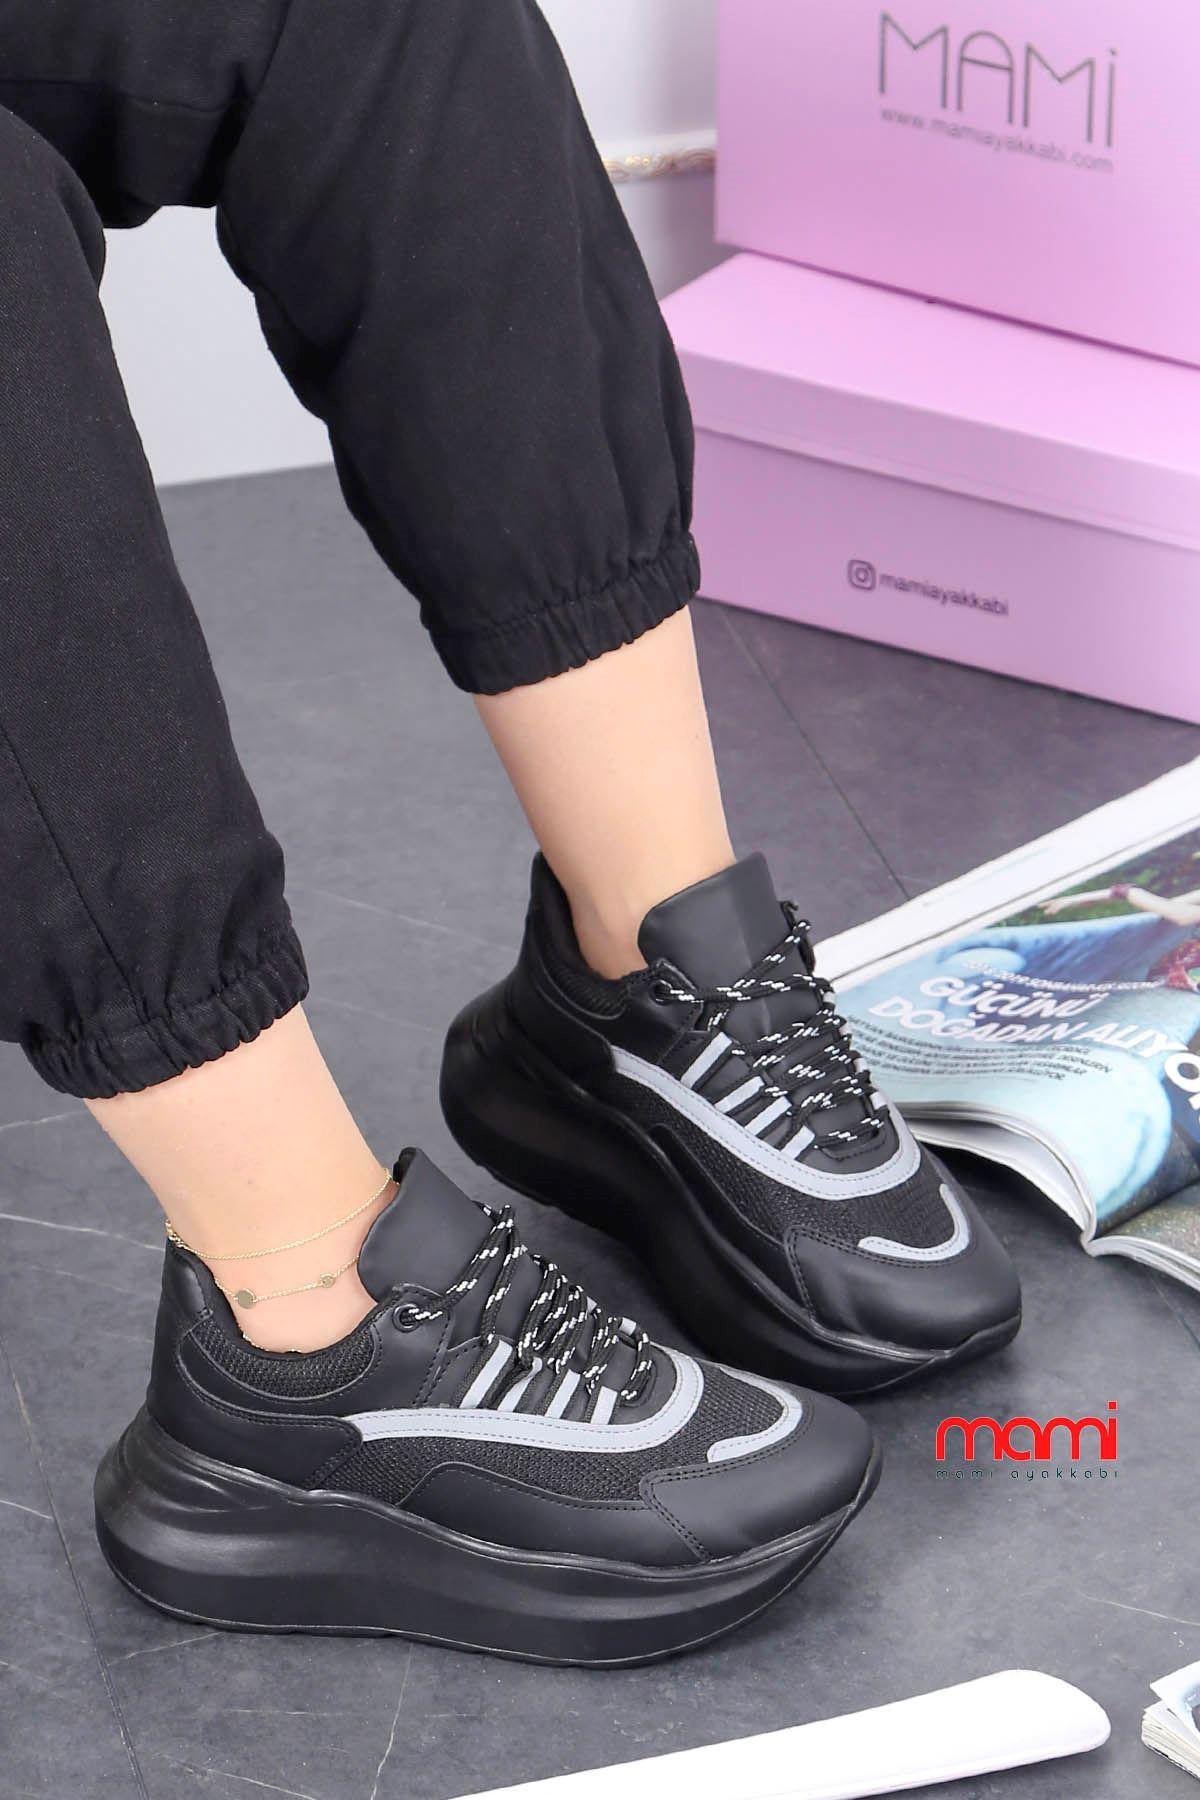 Mrt-700 Spor Ayakkabı Balon Taban Siyah Deri Gri Detay